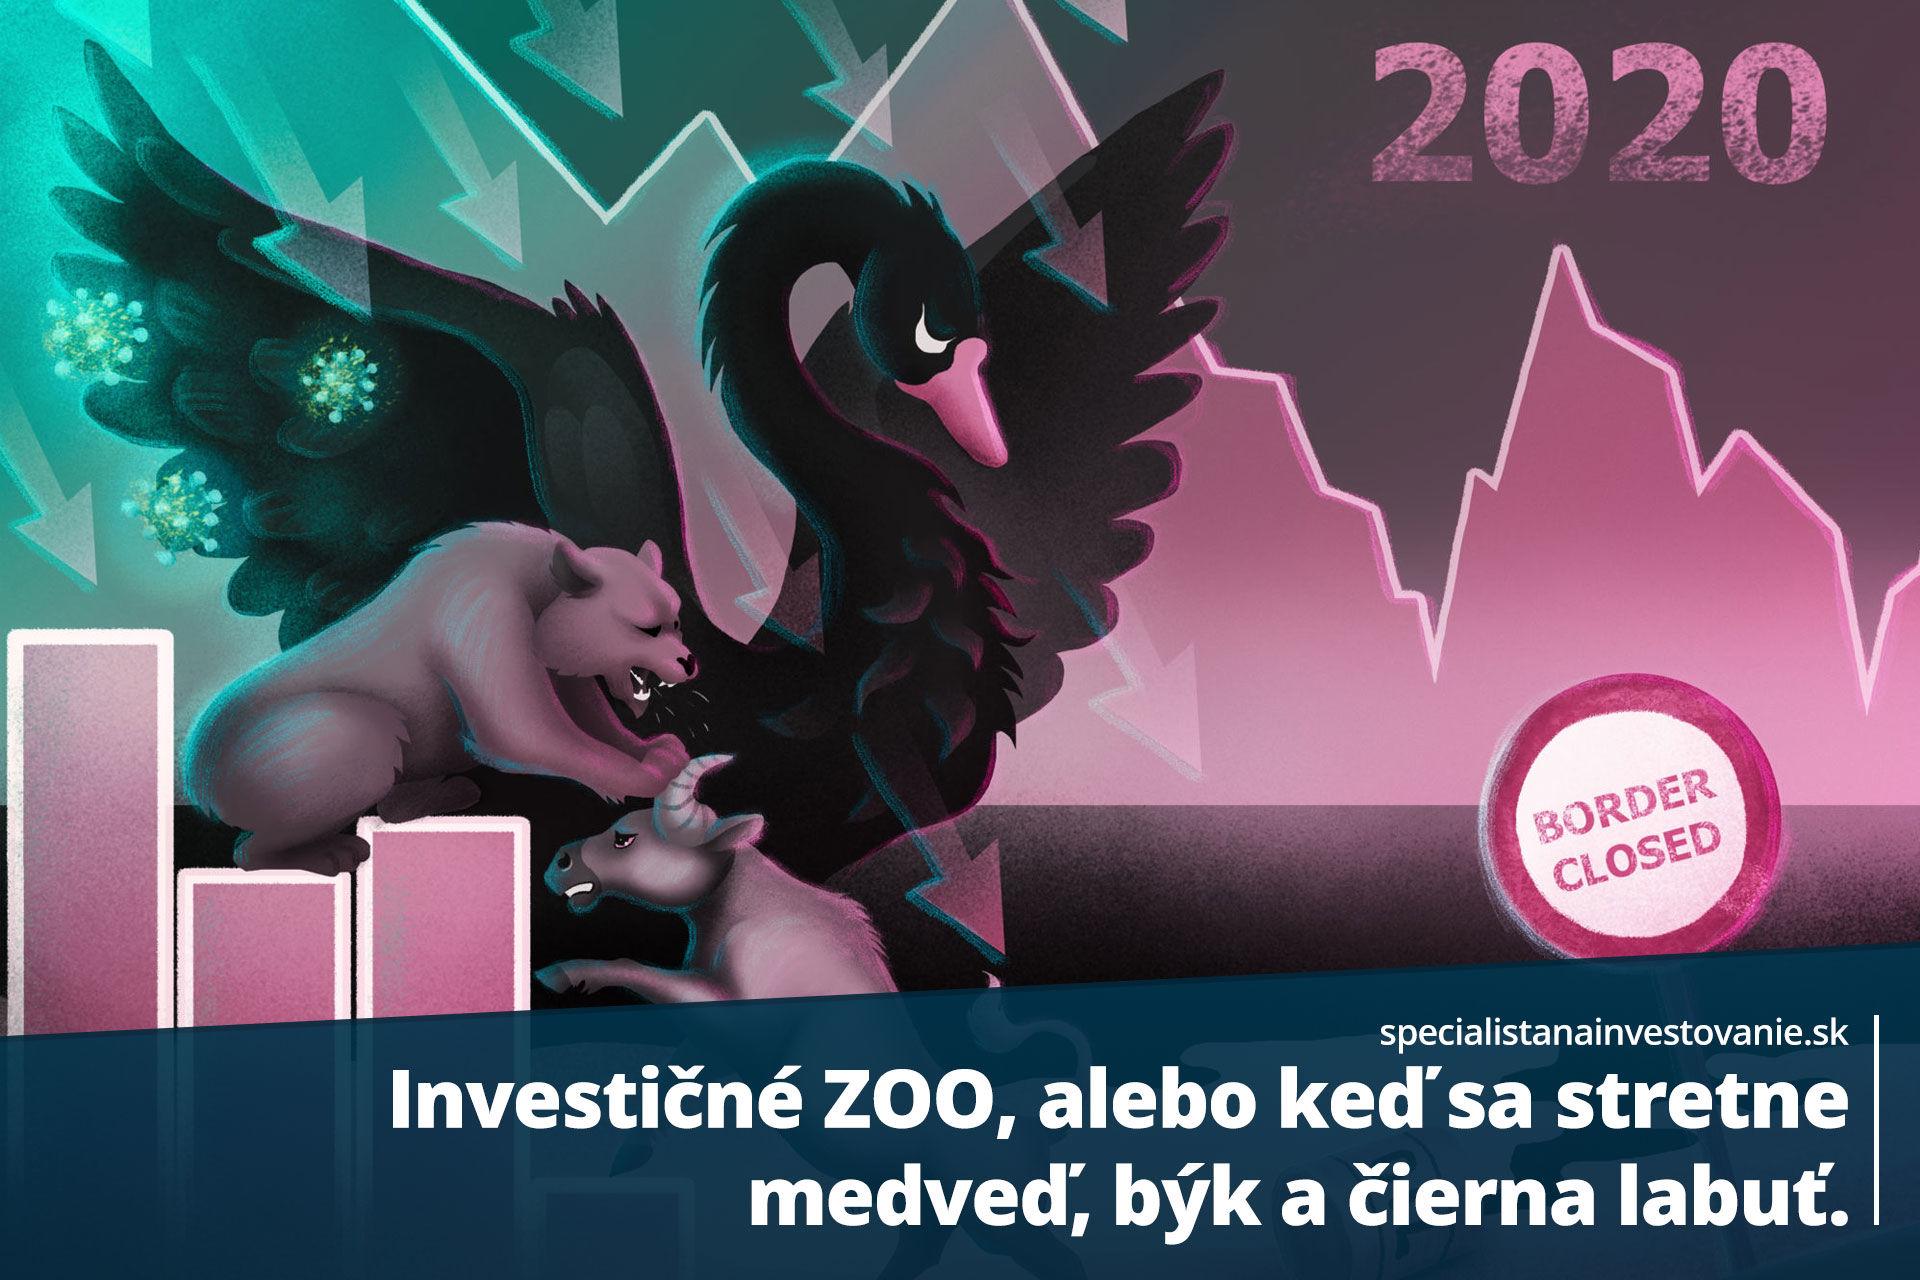 čierna labuť v investovaní